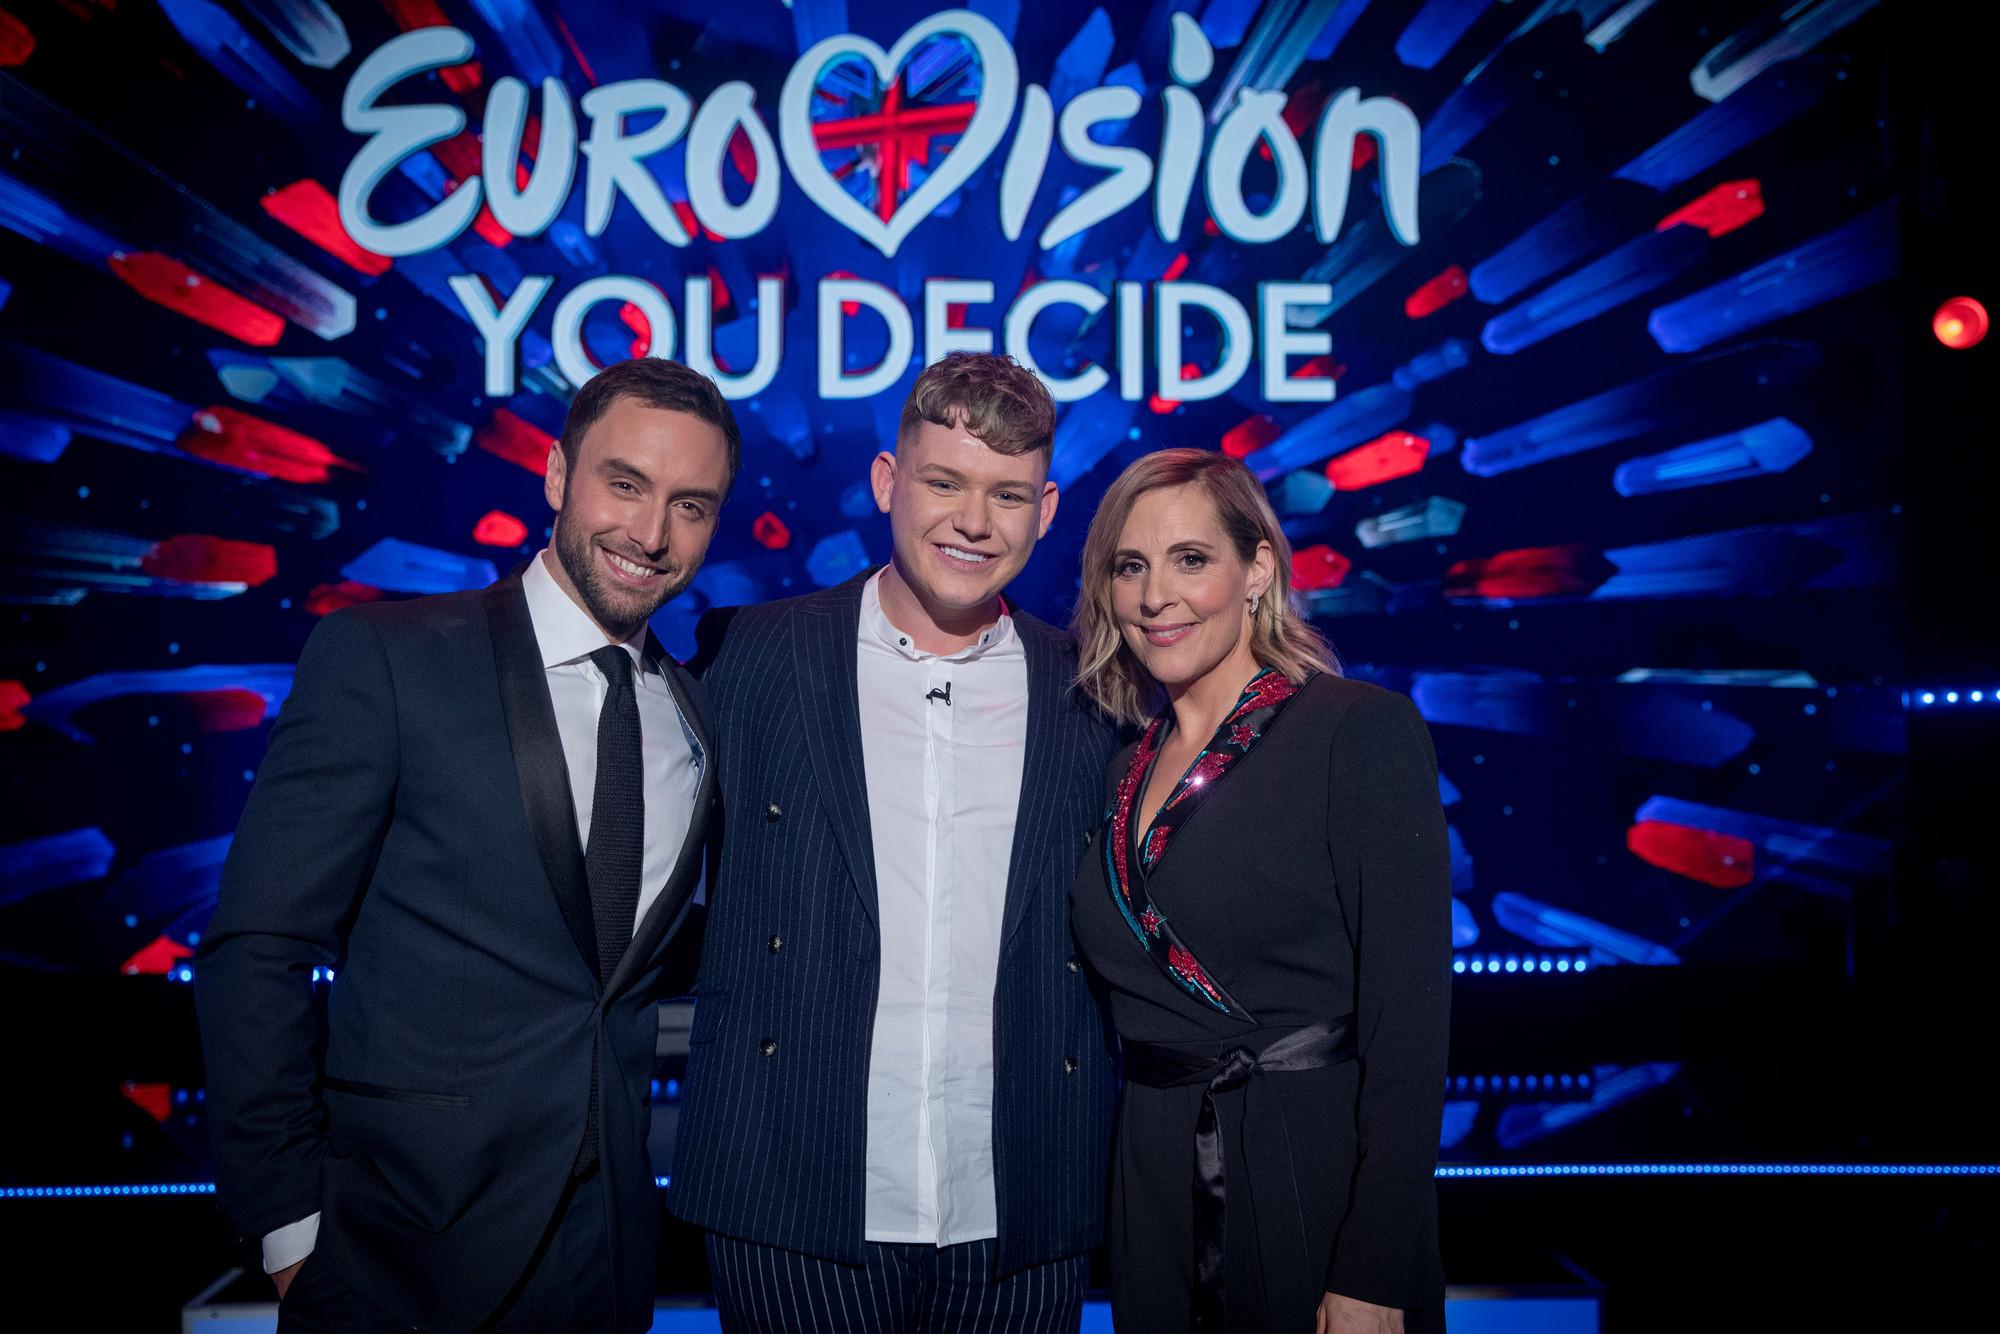 Eurovision: You Decide 2019